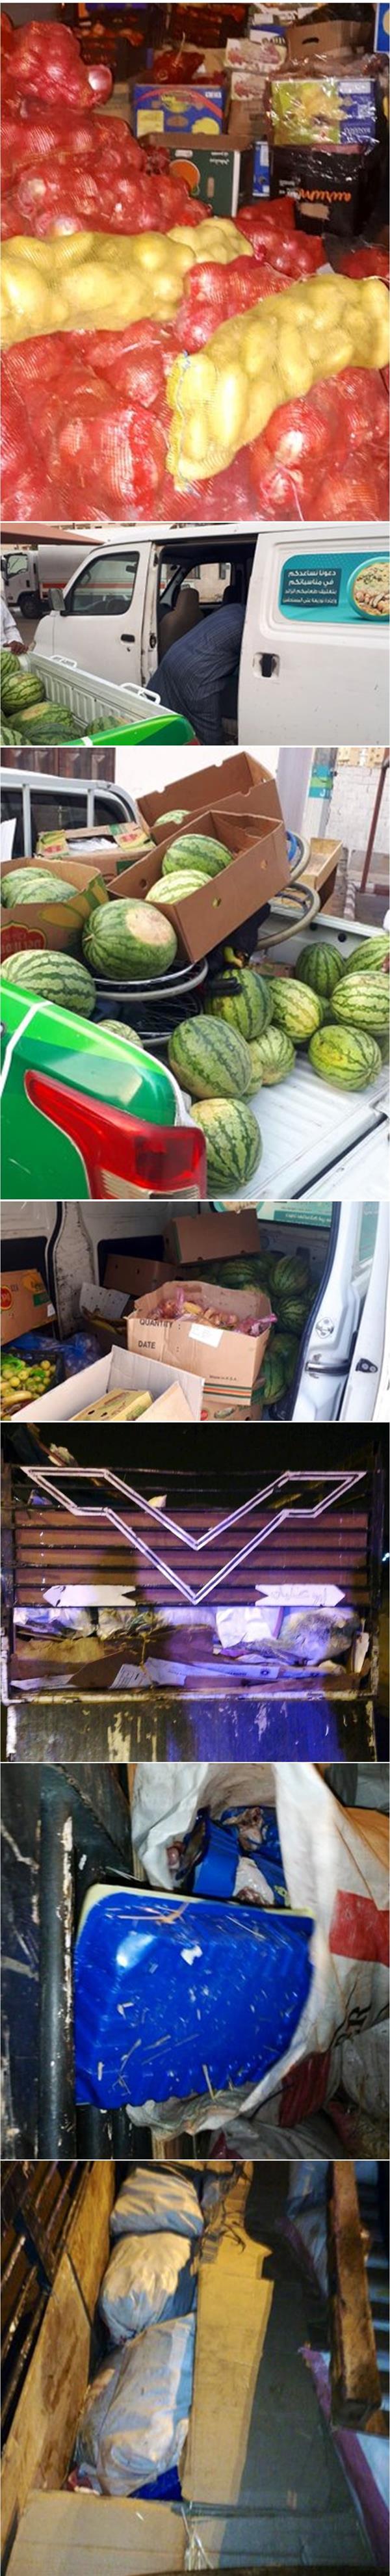 مصادرة 5 أطنان من الأغذية في المسفلة وإتلاف 1600 كجم من الدجاج الفاسد في العمرة